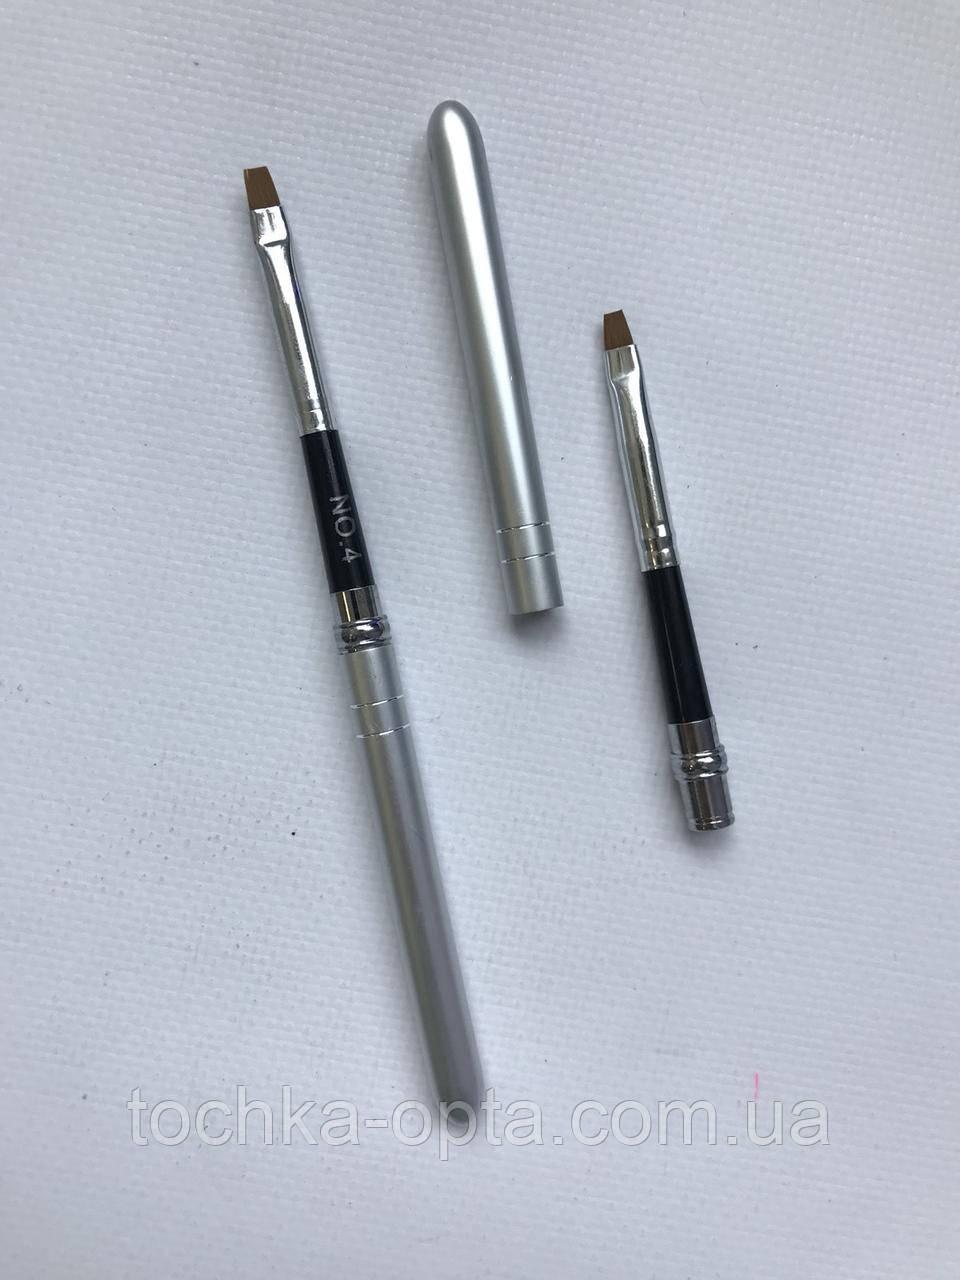 Кисть складная для наращивания ногтей гелем №4